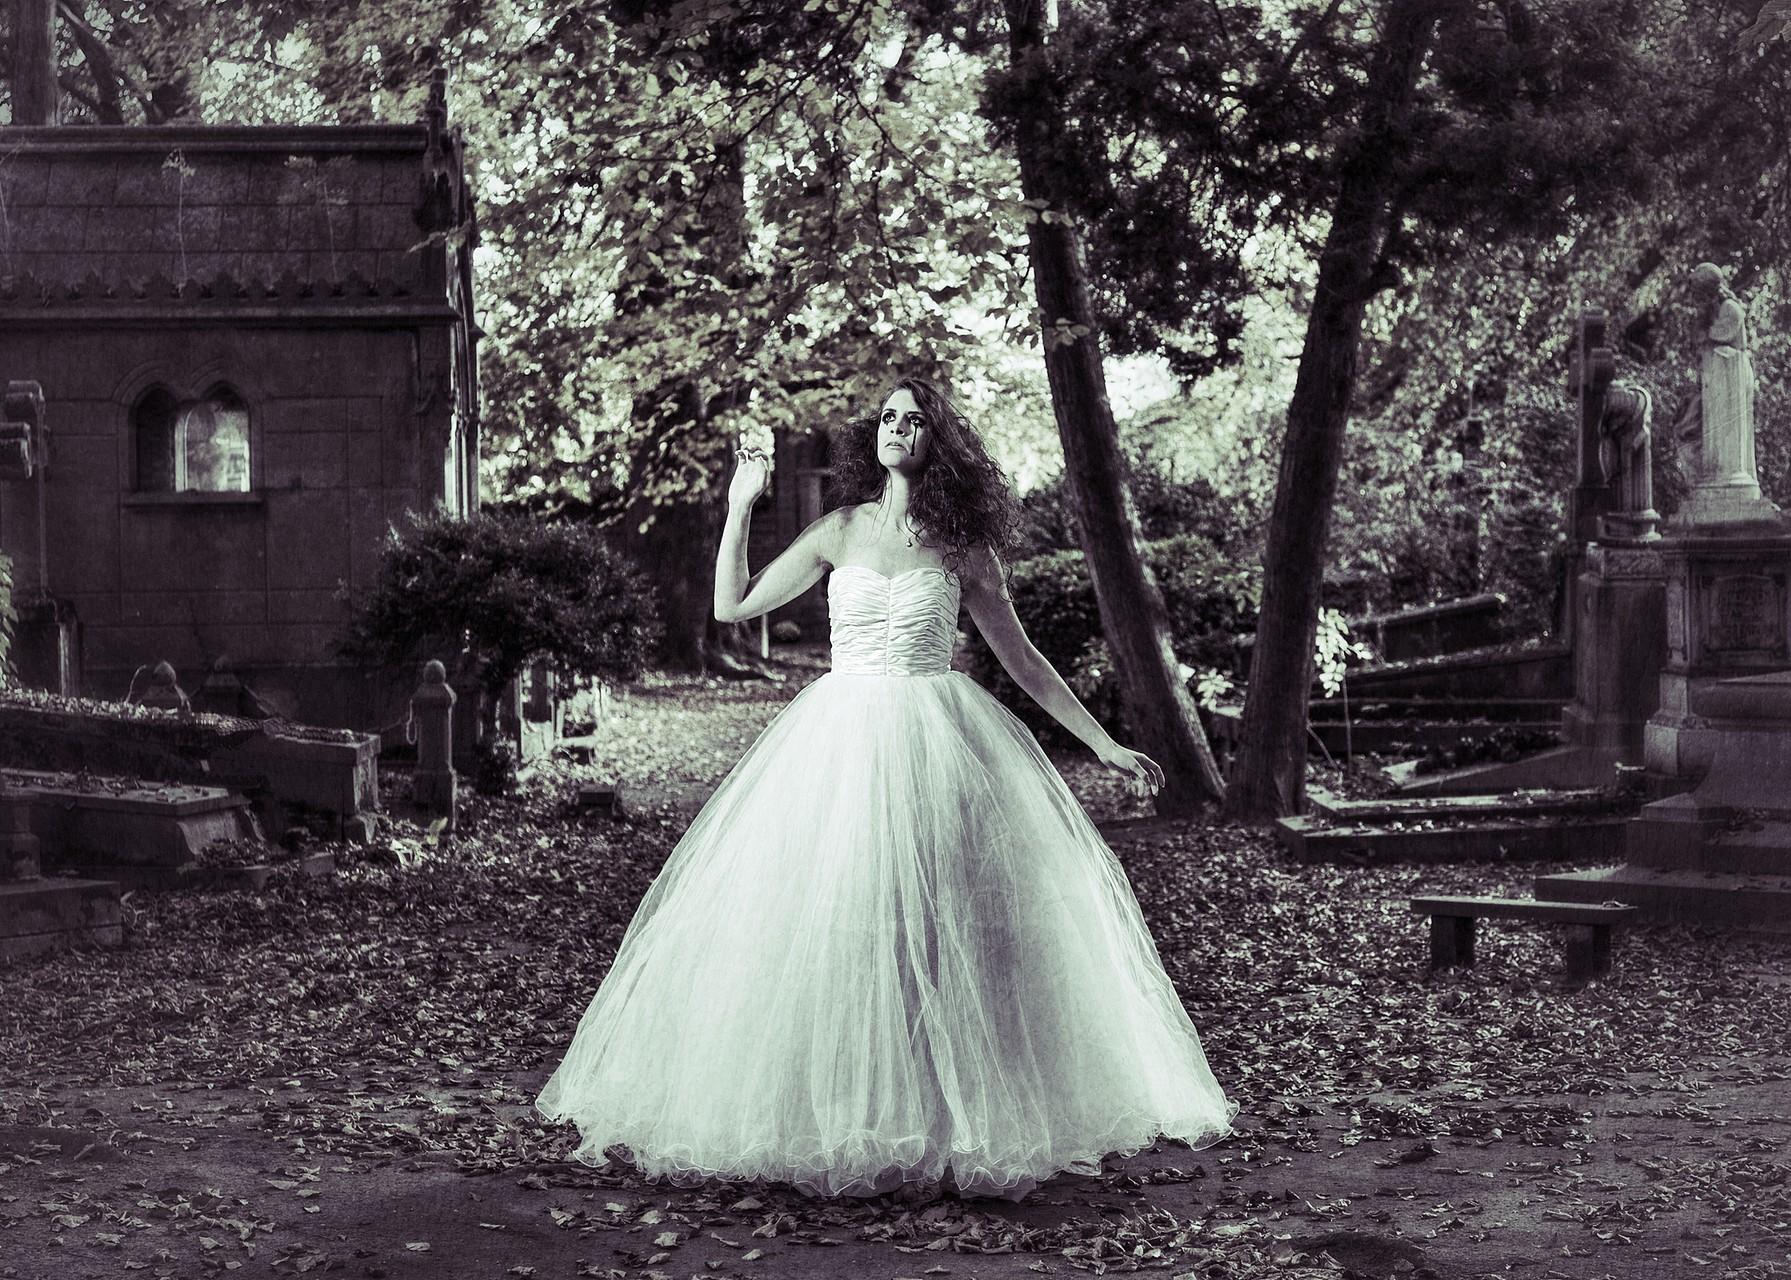 Lost brides